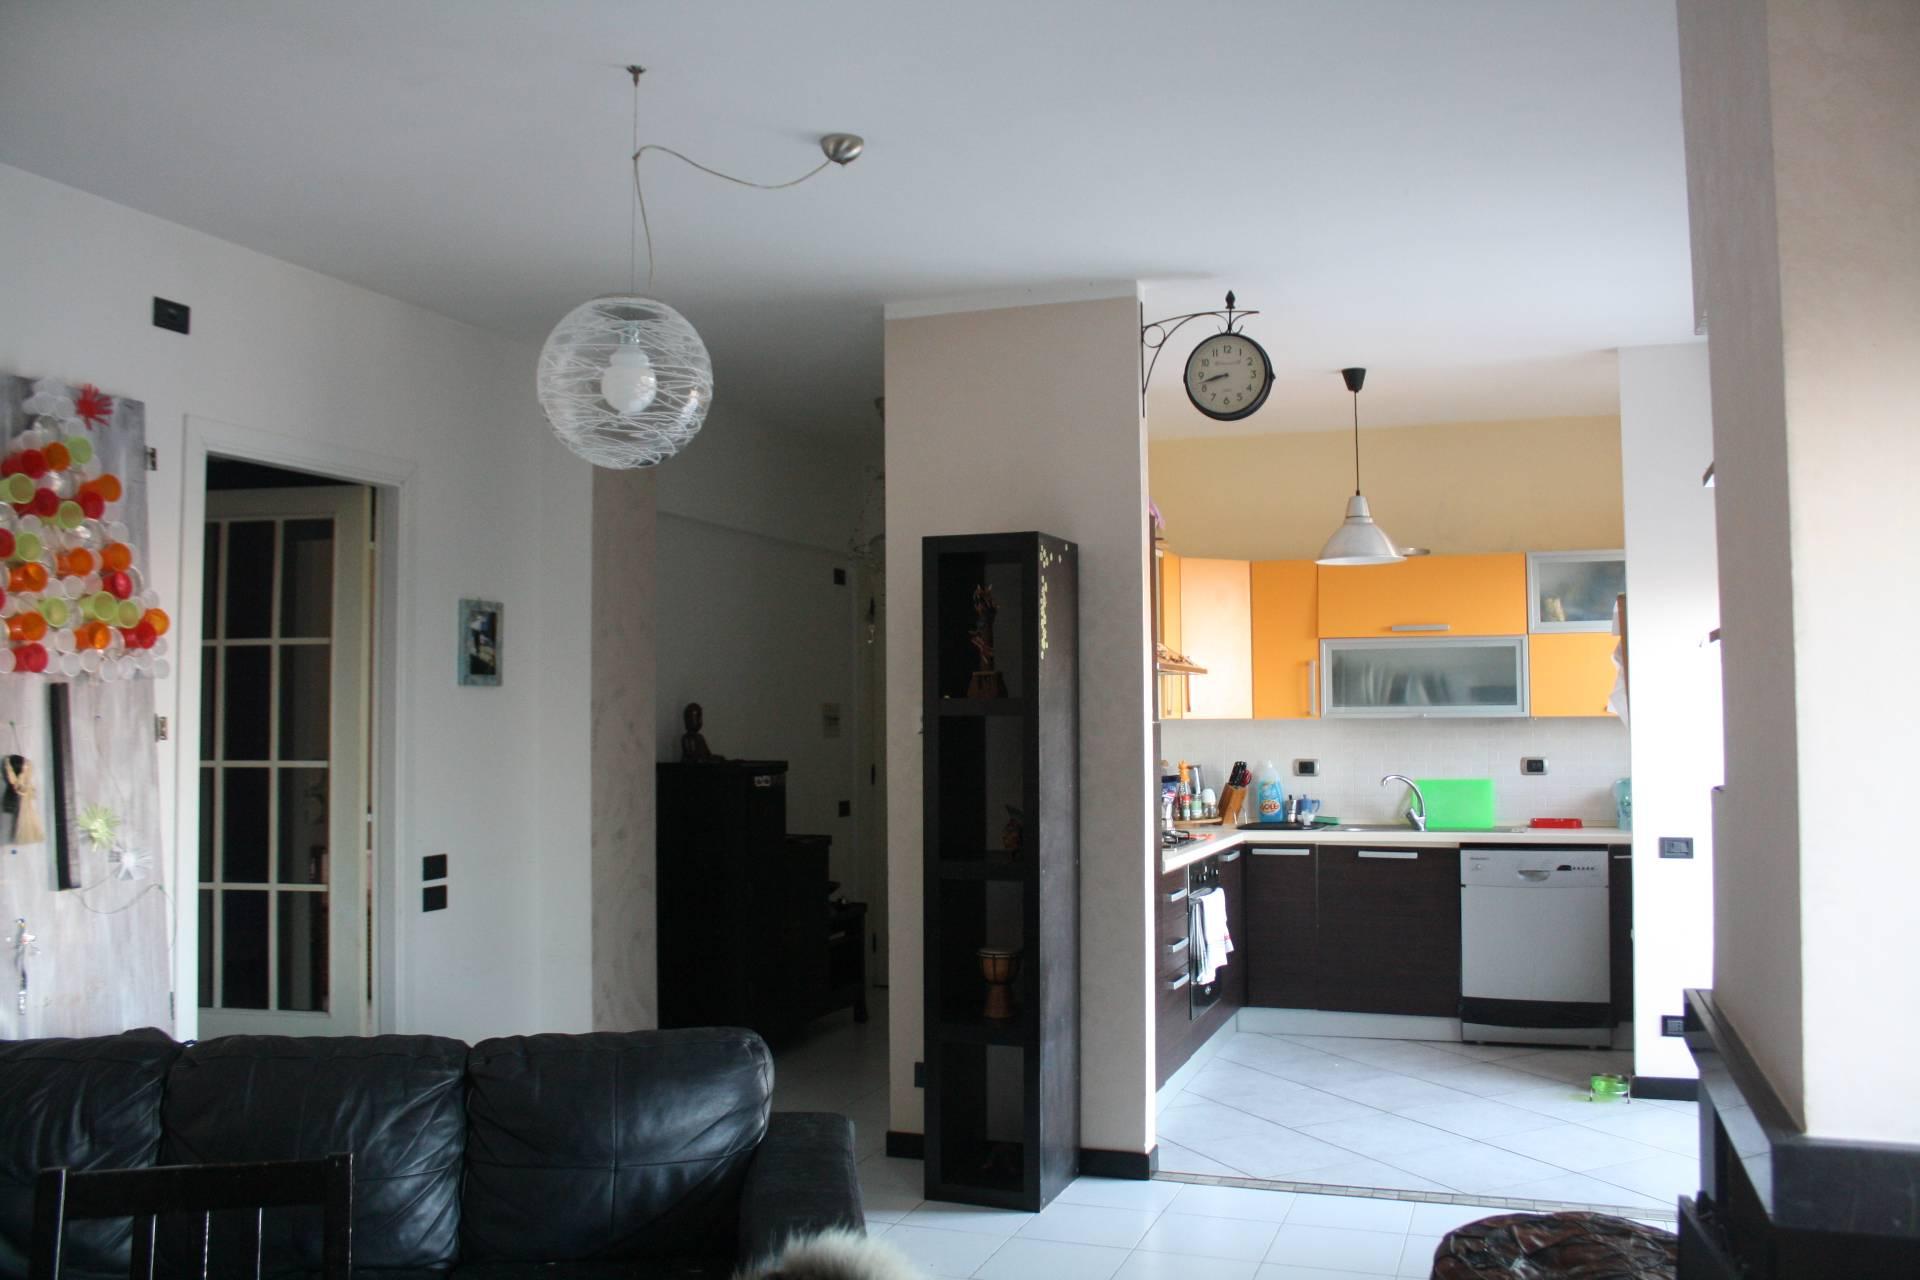 Appartamento in vendita a Agugliano, 5 locali, zona Località: Agugliano, prezzo € 120.000 | CambioCasa.it